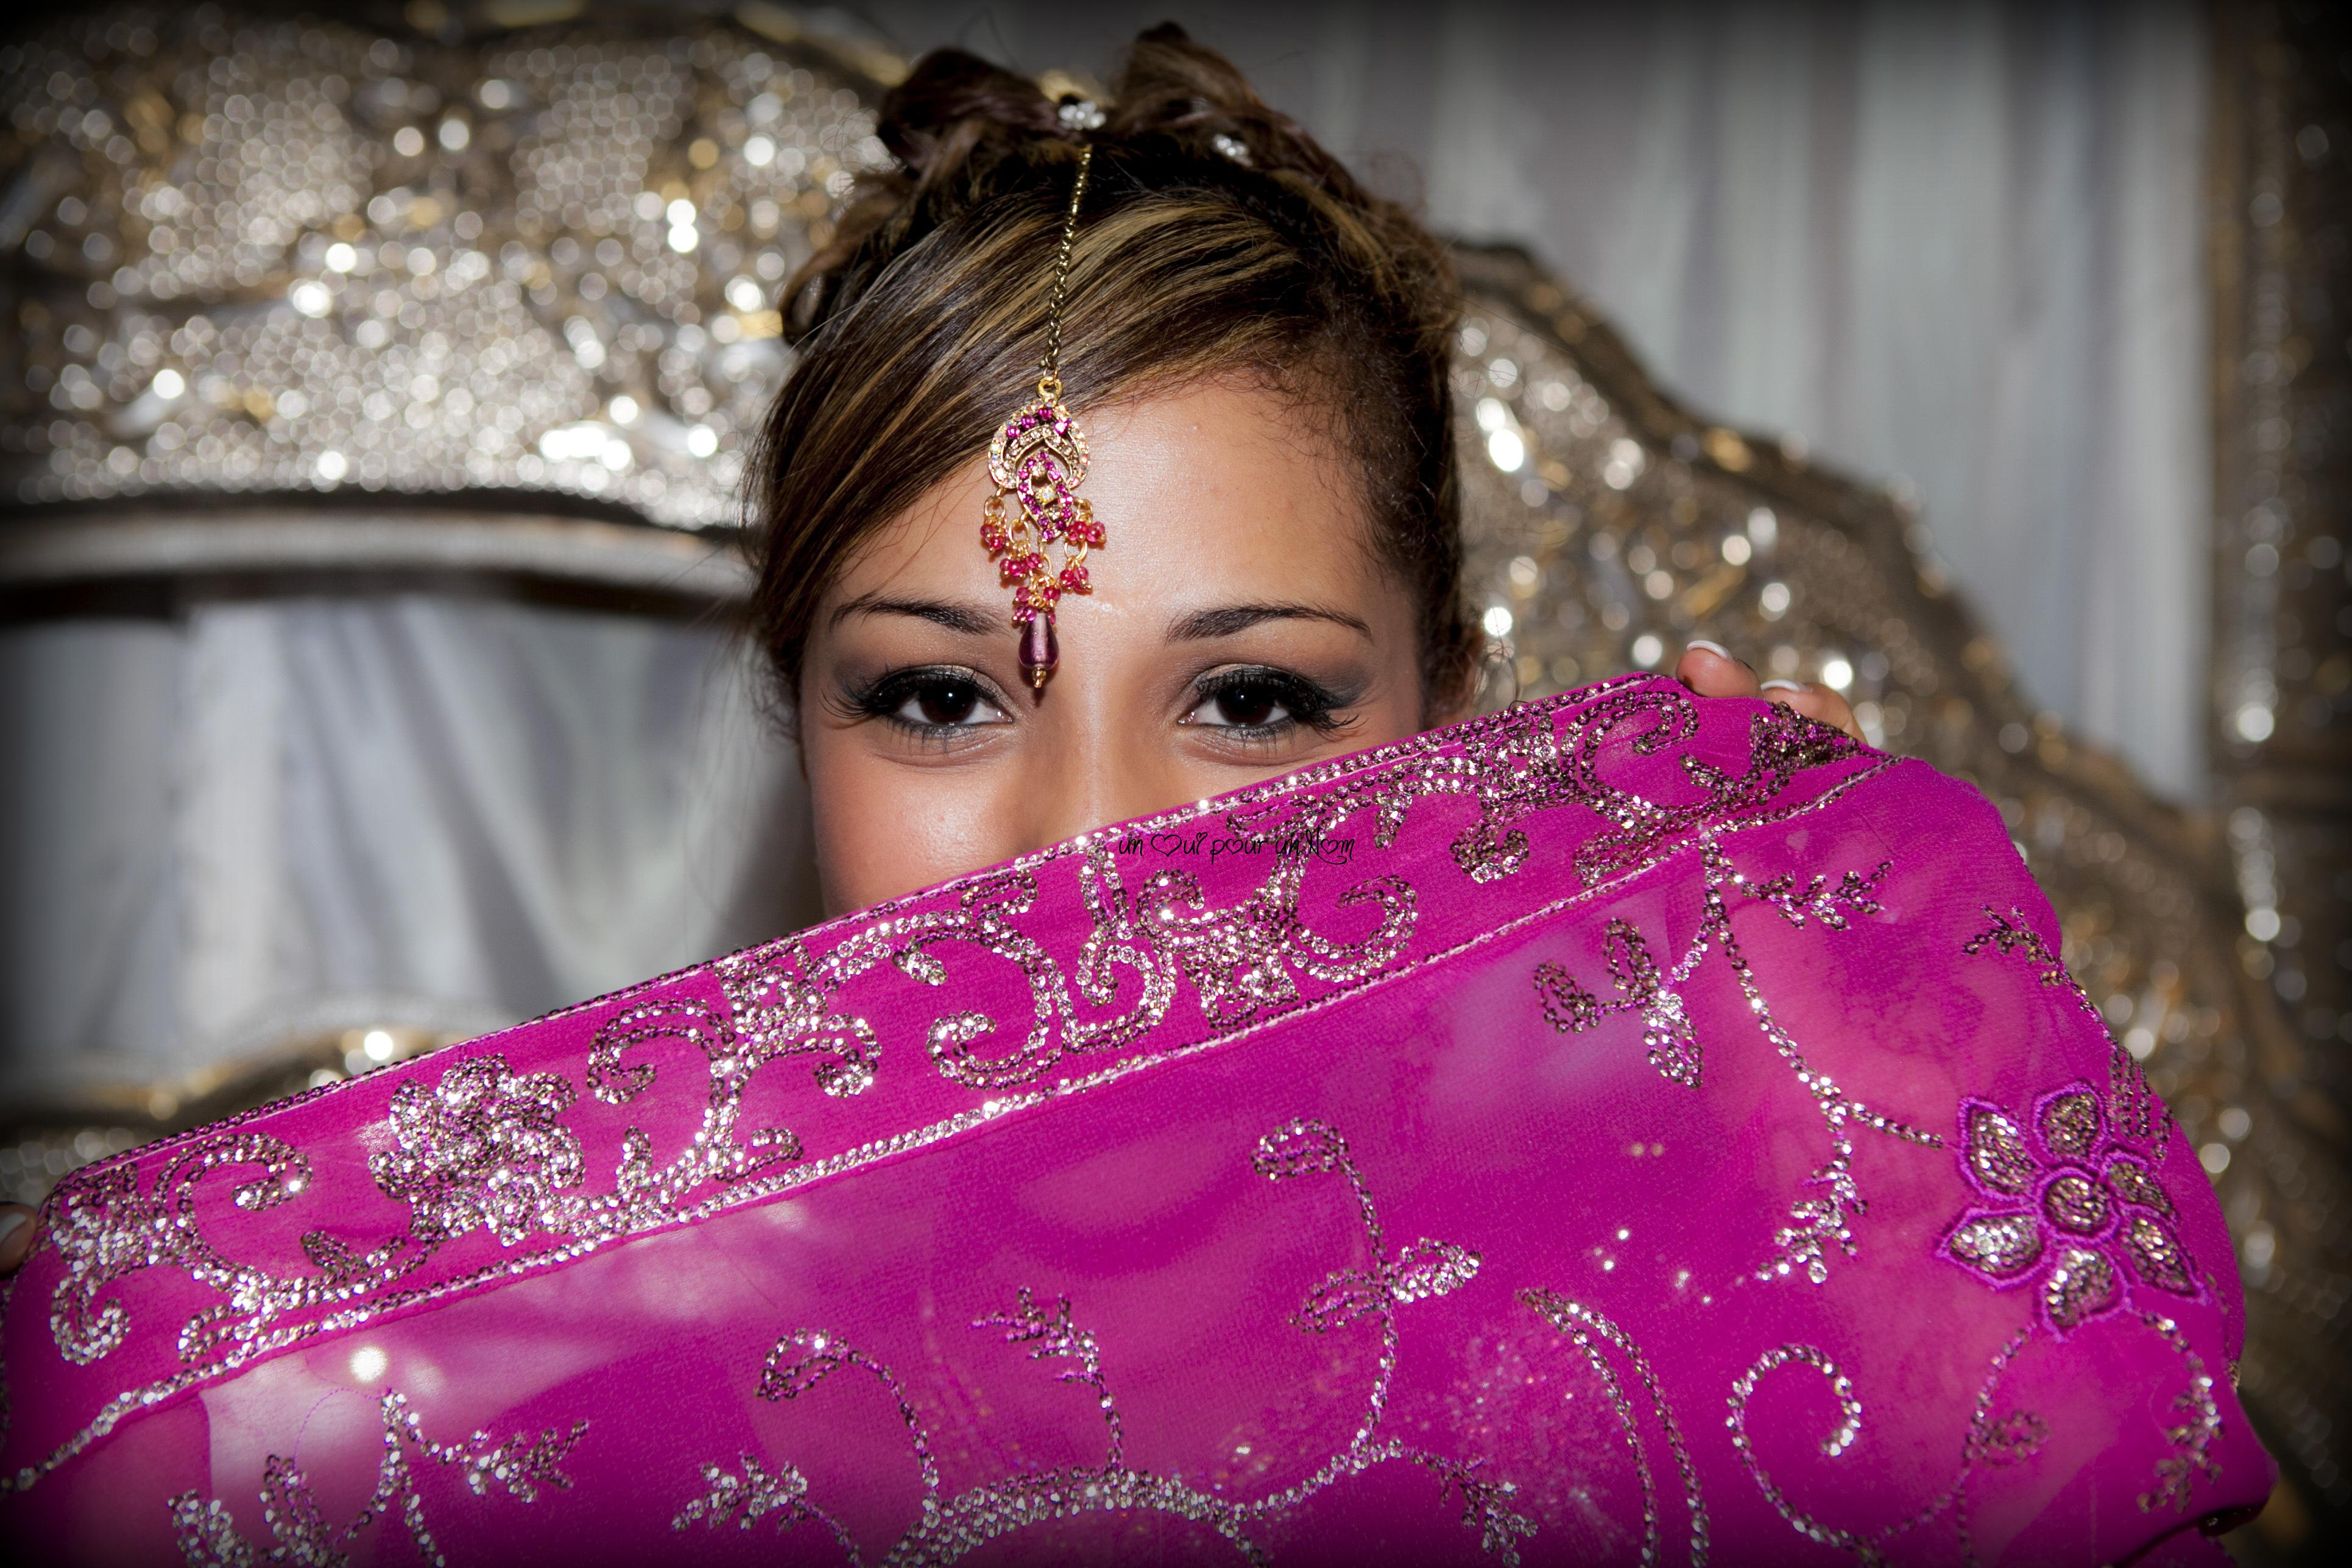 photographe cameraman mariage oriental arabe musulman carcassonne un oui pour un nom. Black Bedroom Furniture Sets. Home Design Ideas